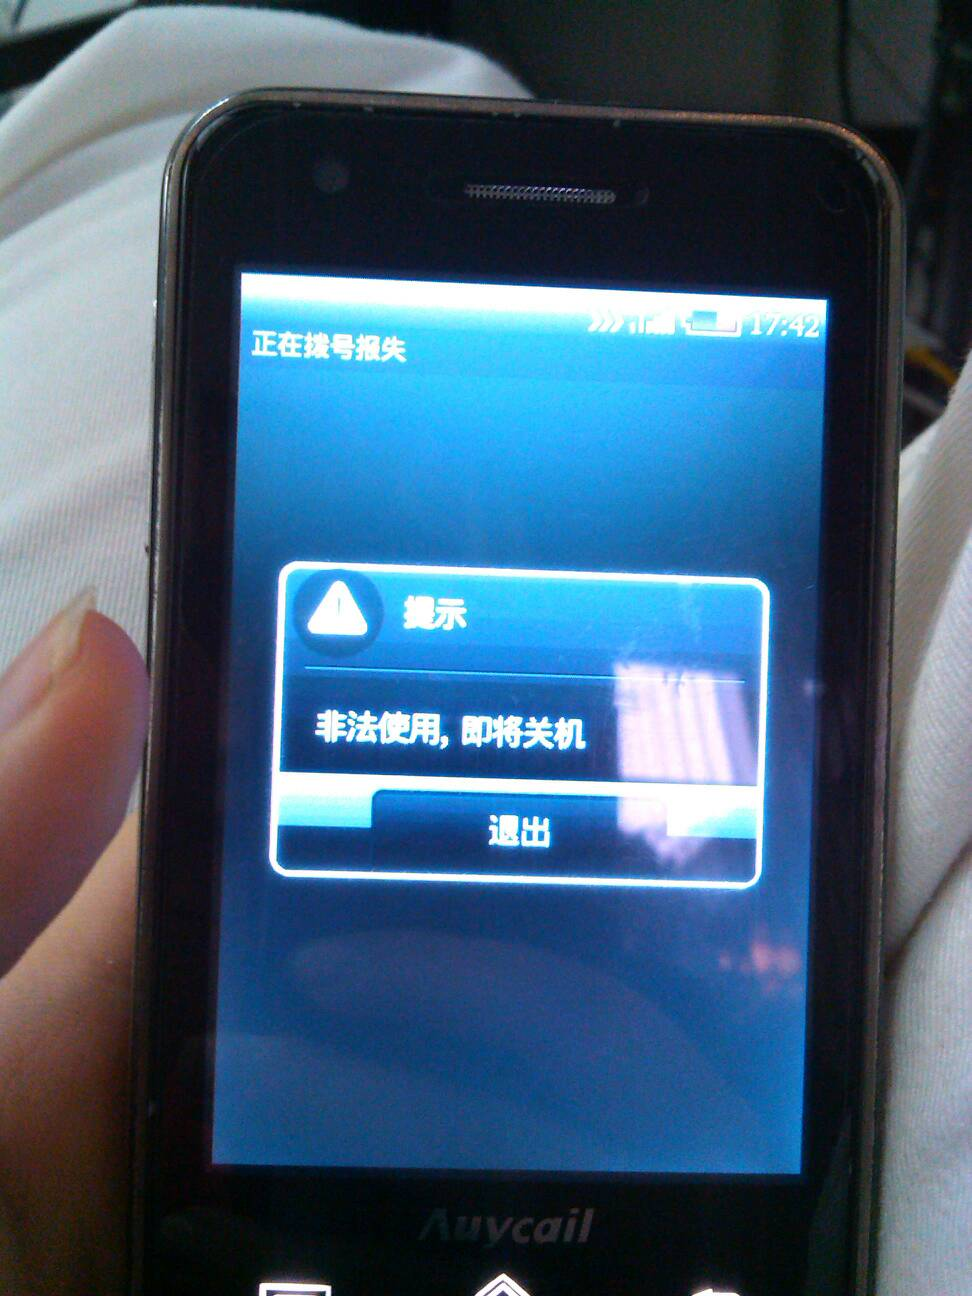 开机关机偷拍_手机是山寨的,没安卓系统,开机一直显示非法使用即将关机,然后就关机